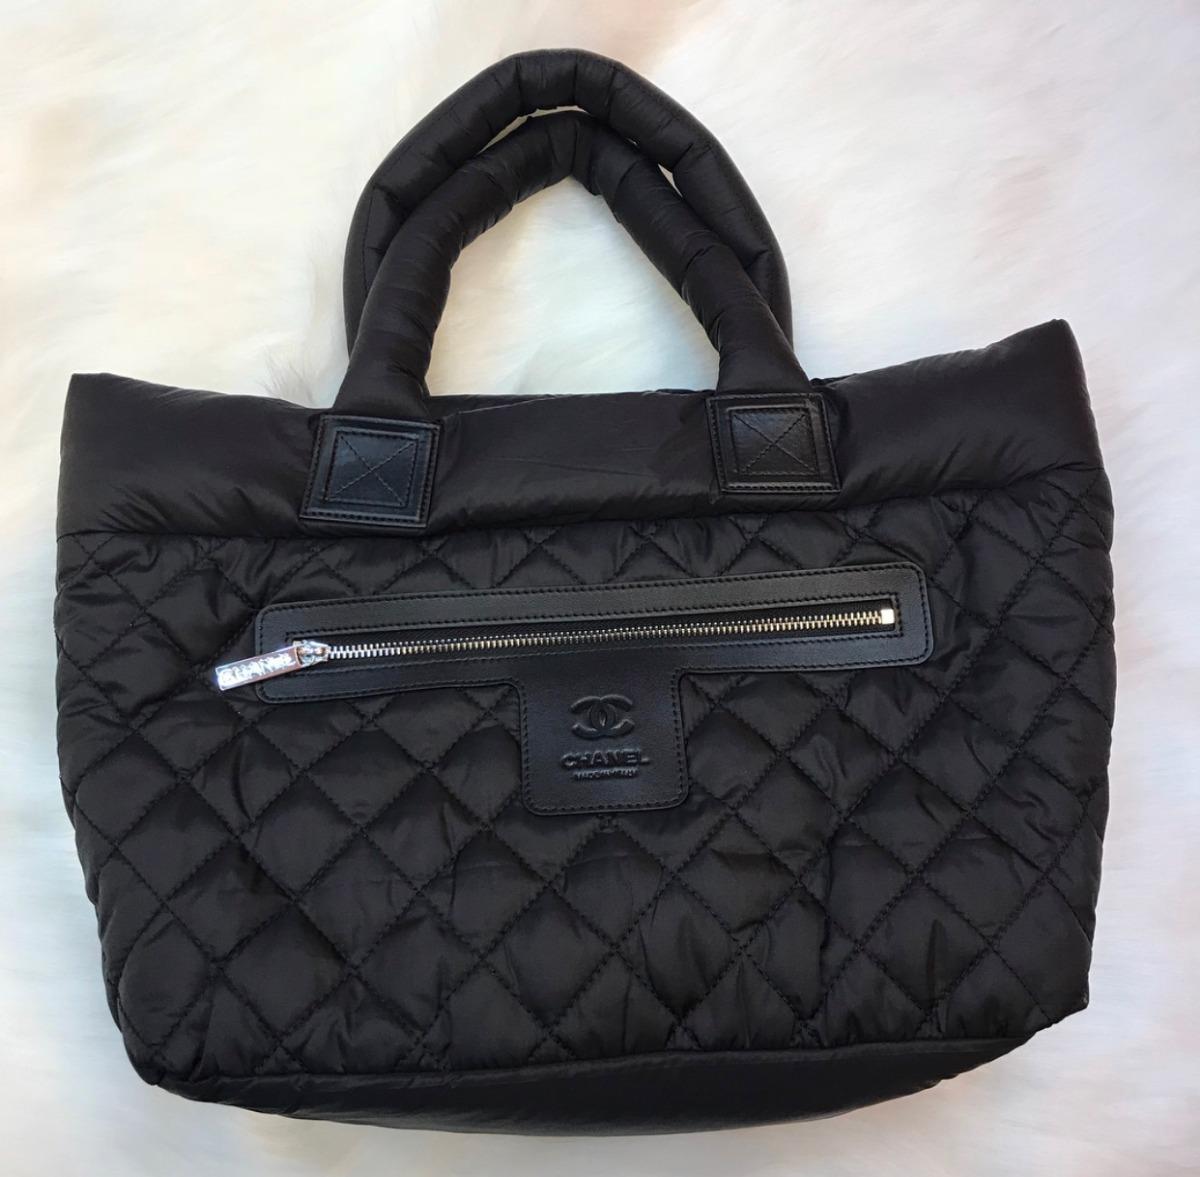 Bolsa Chanel Cocoon Nylon - Importada - Frete Grátis - R  1.349 1eb0cdf0136